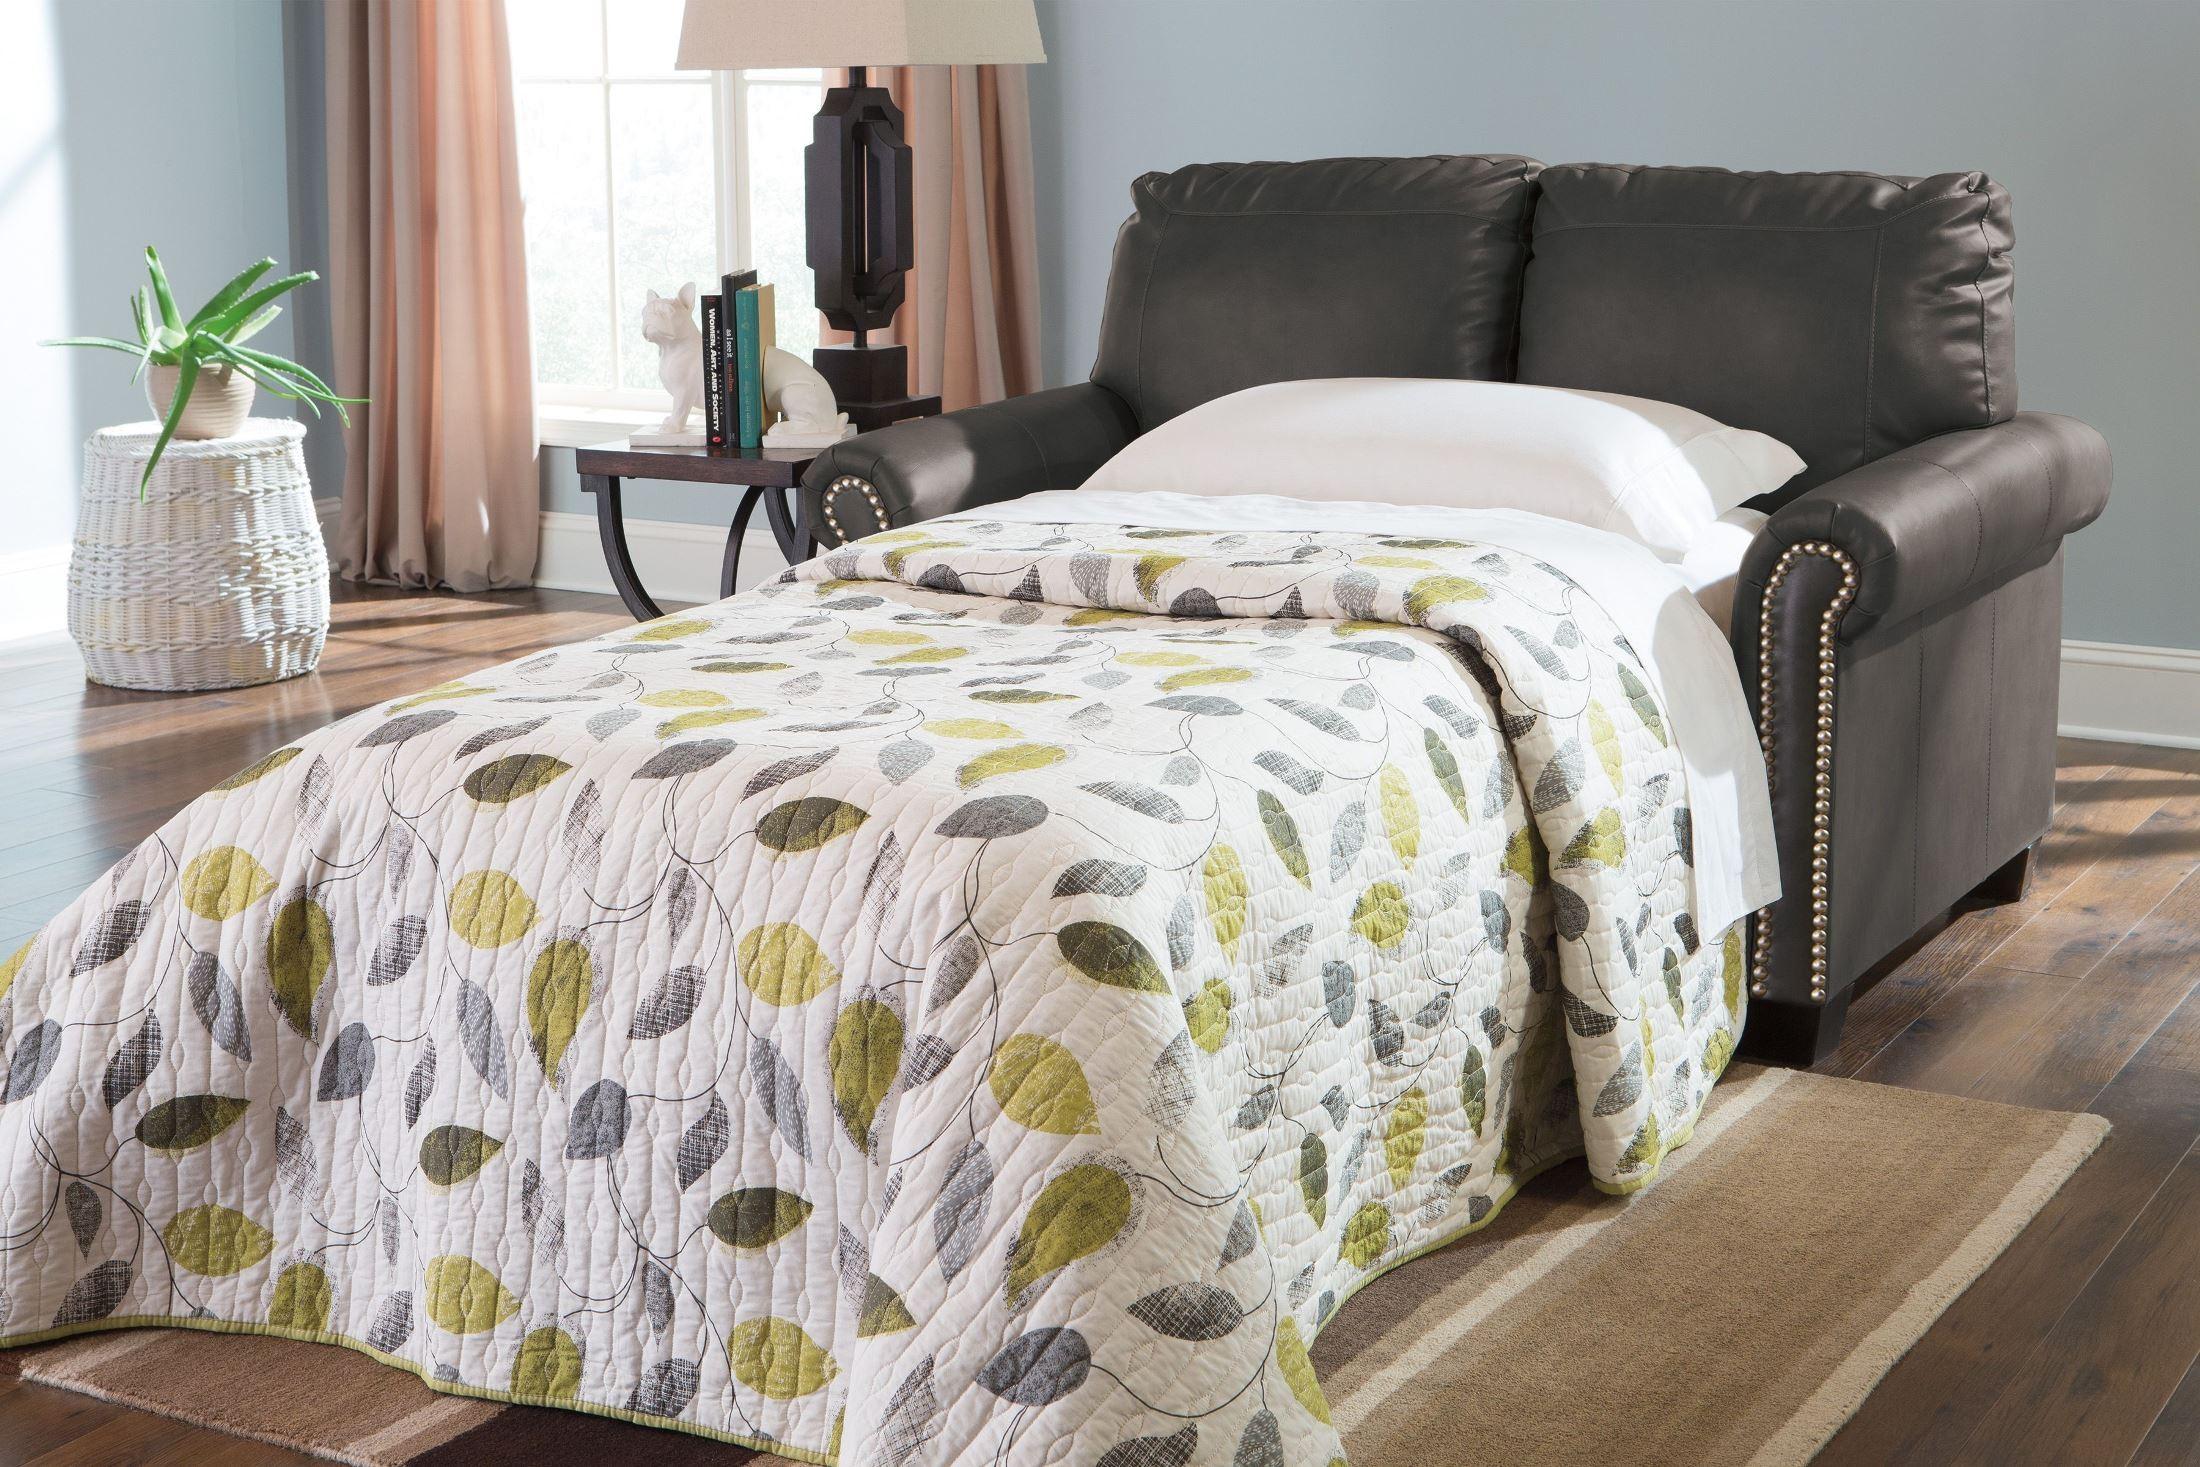 Lottie Durablend Slate Twin Sofa Sleeper From Ashley